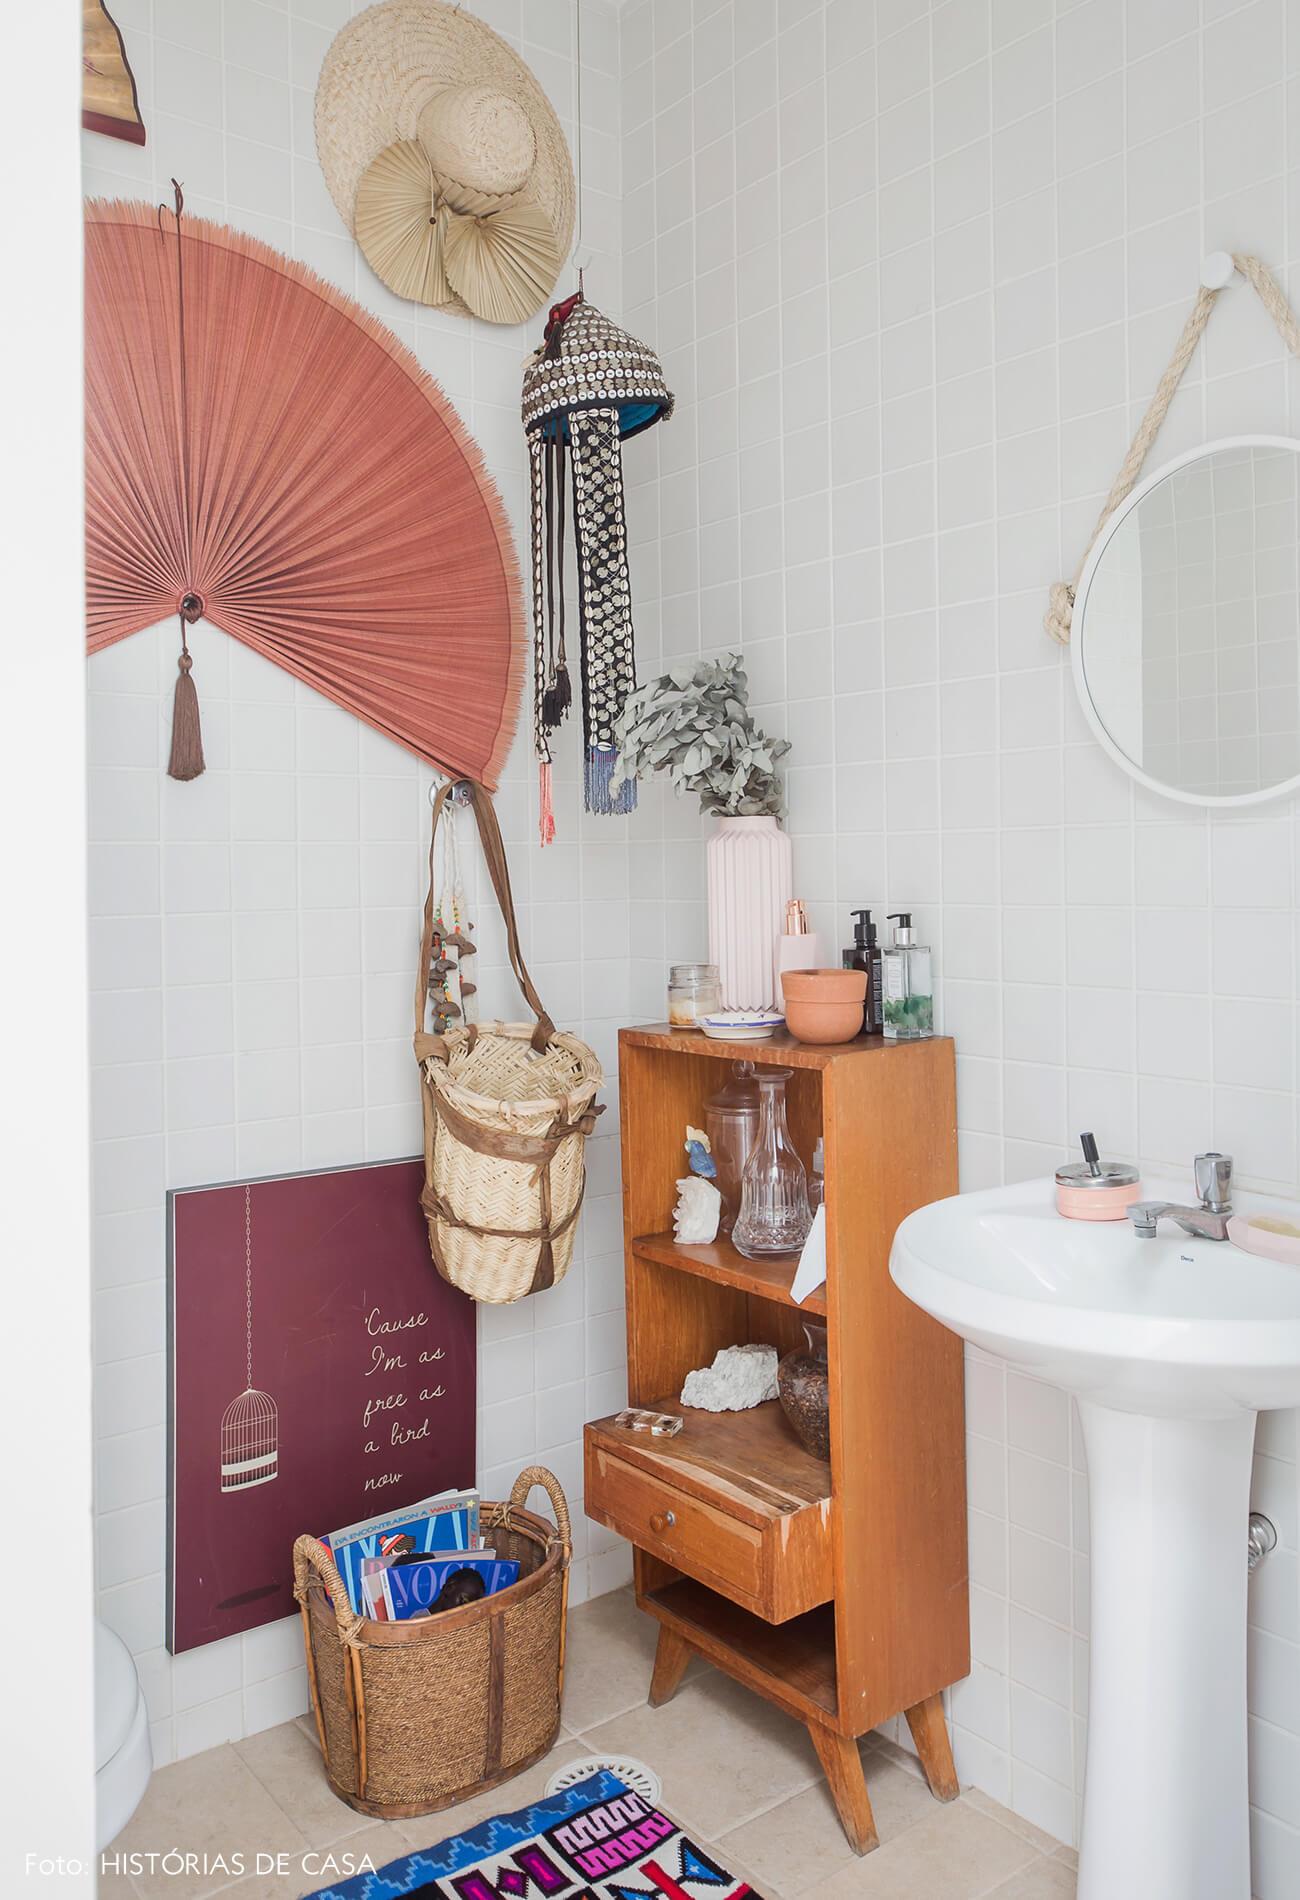 Casa com decoração eclética, lavabo com leques de parede pendurados